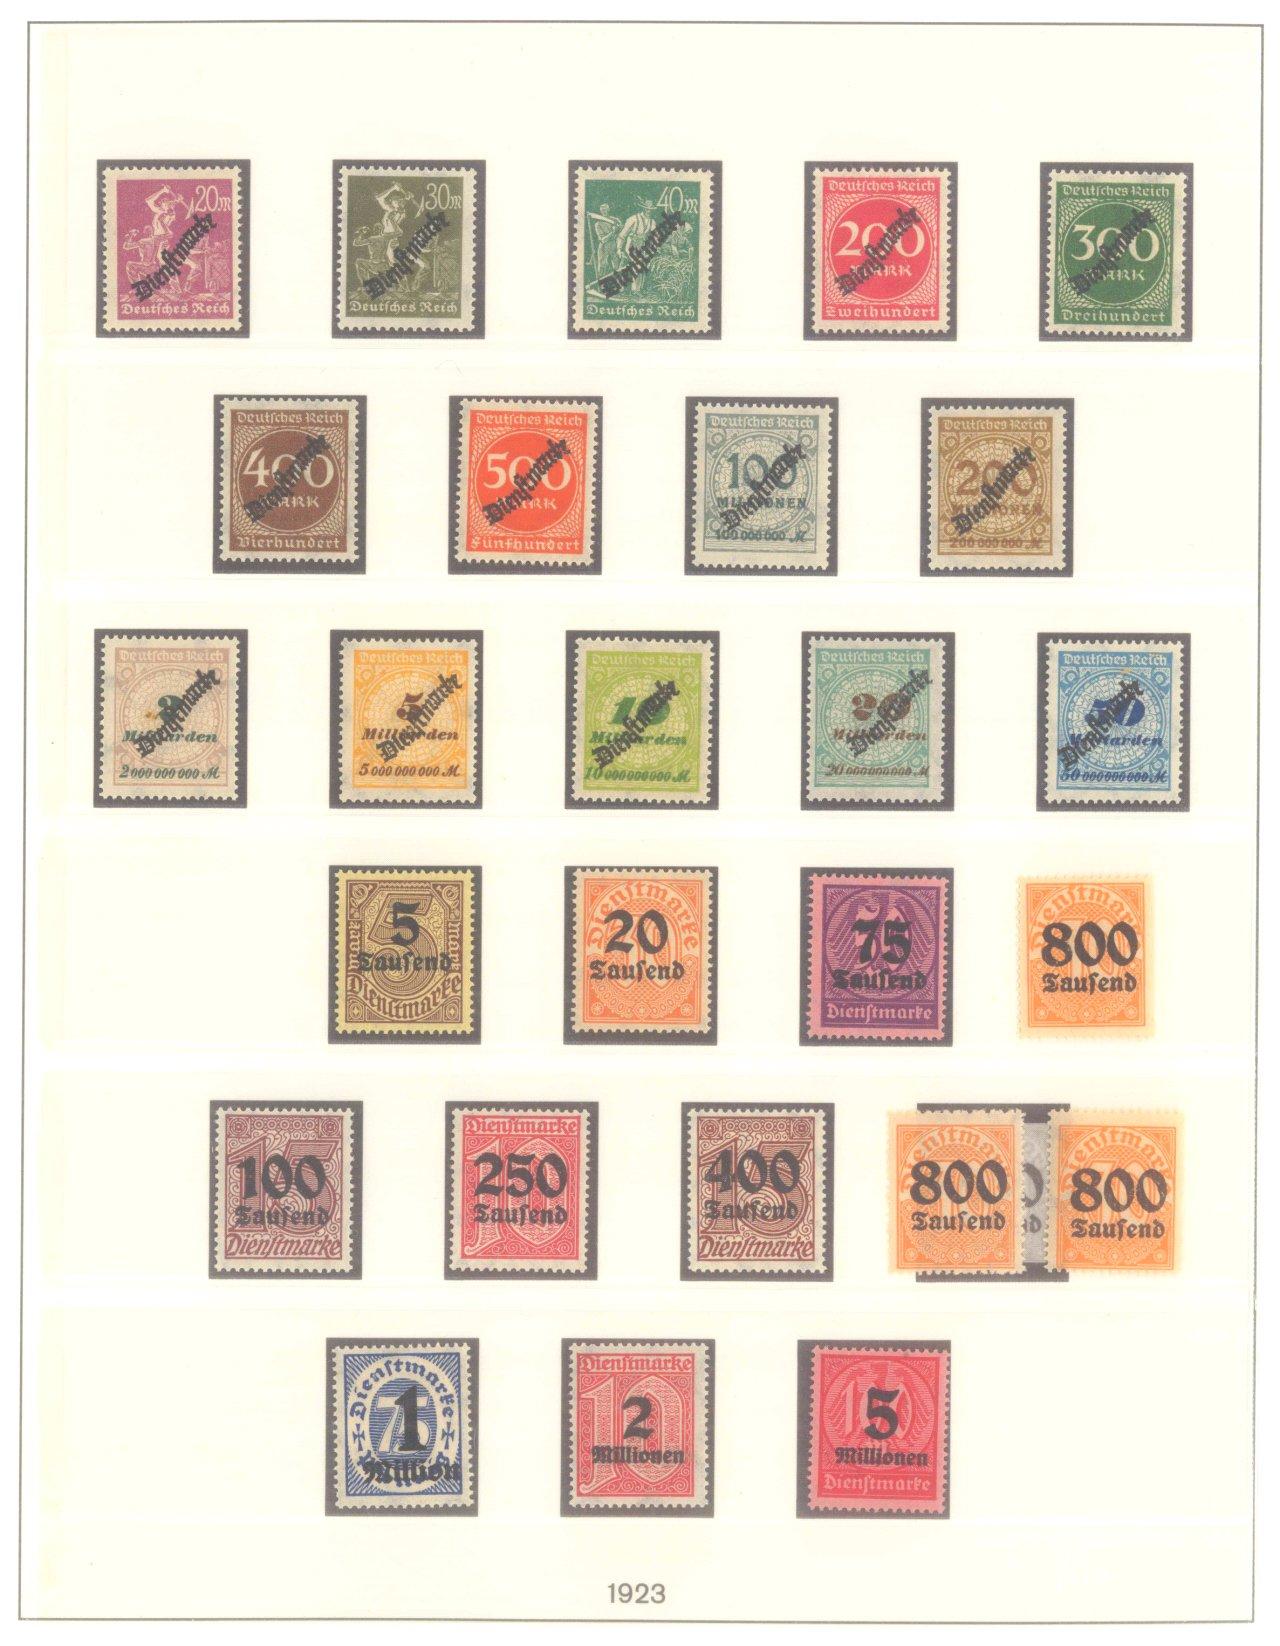 DEUTSCHES REICH INFLATIONSZEIT 1920-1923, Dienstmarken-3